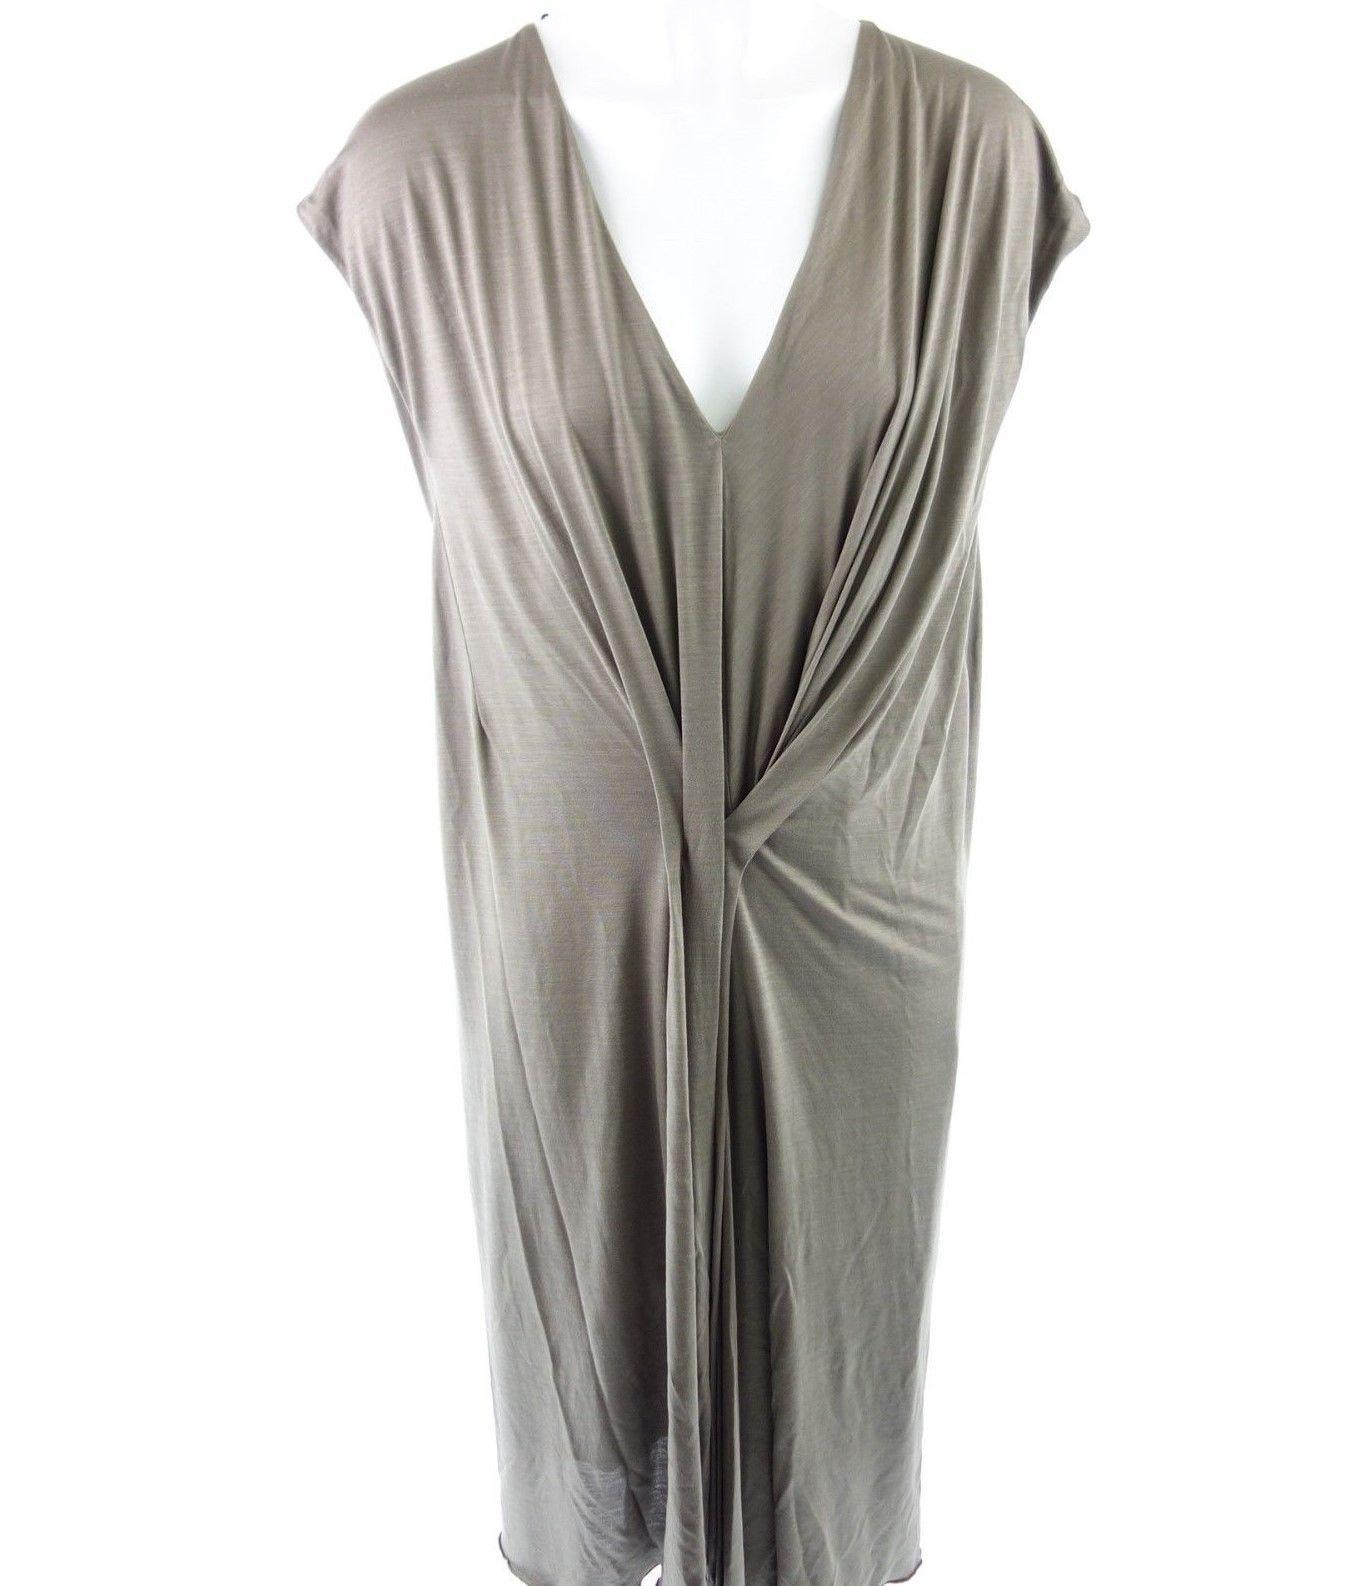 10 Einzigartig Kleid Grau VertriebFormal Luxus Kleid Grau für 2019